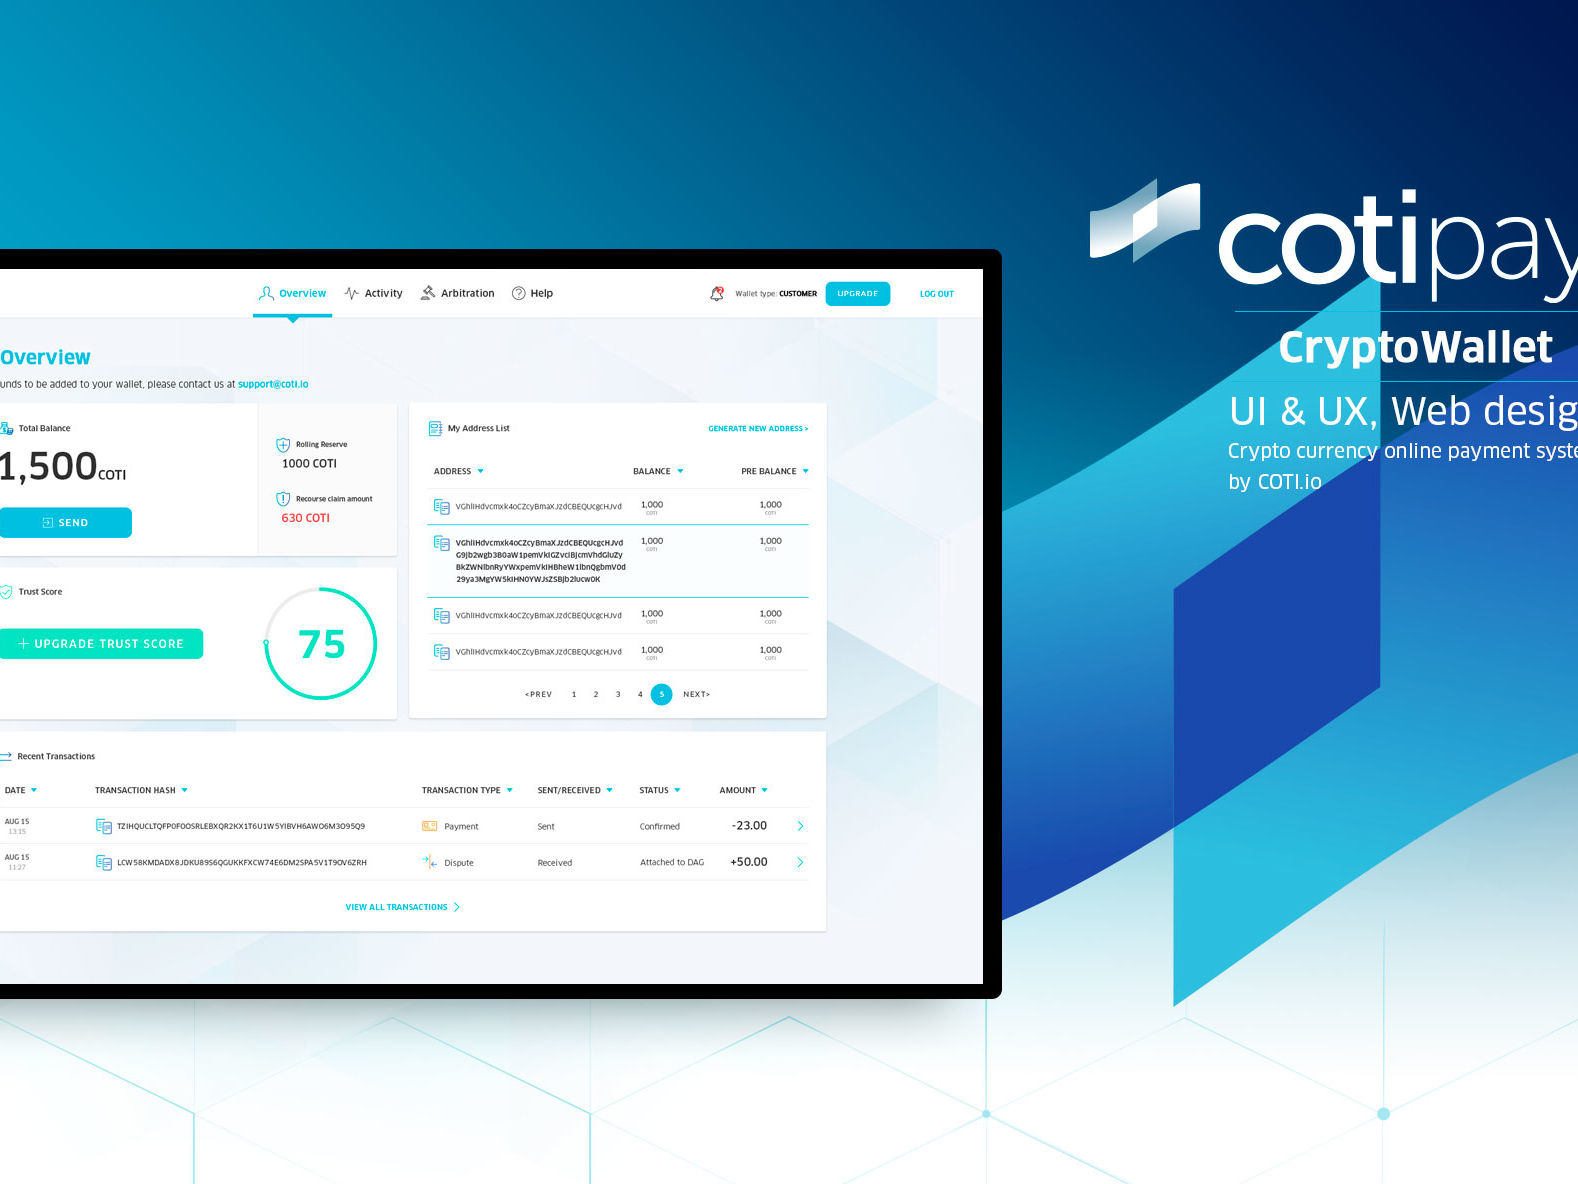 UI & UX for digital crypto currency wallet by COTI תכנון חוויית משתמש ועיצוב ממשק משתמש לארנק דיגיטלי קריפטו 1